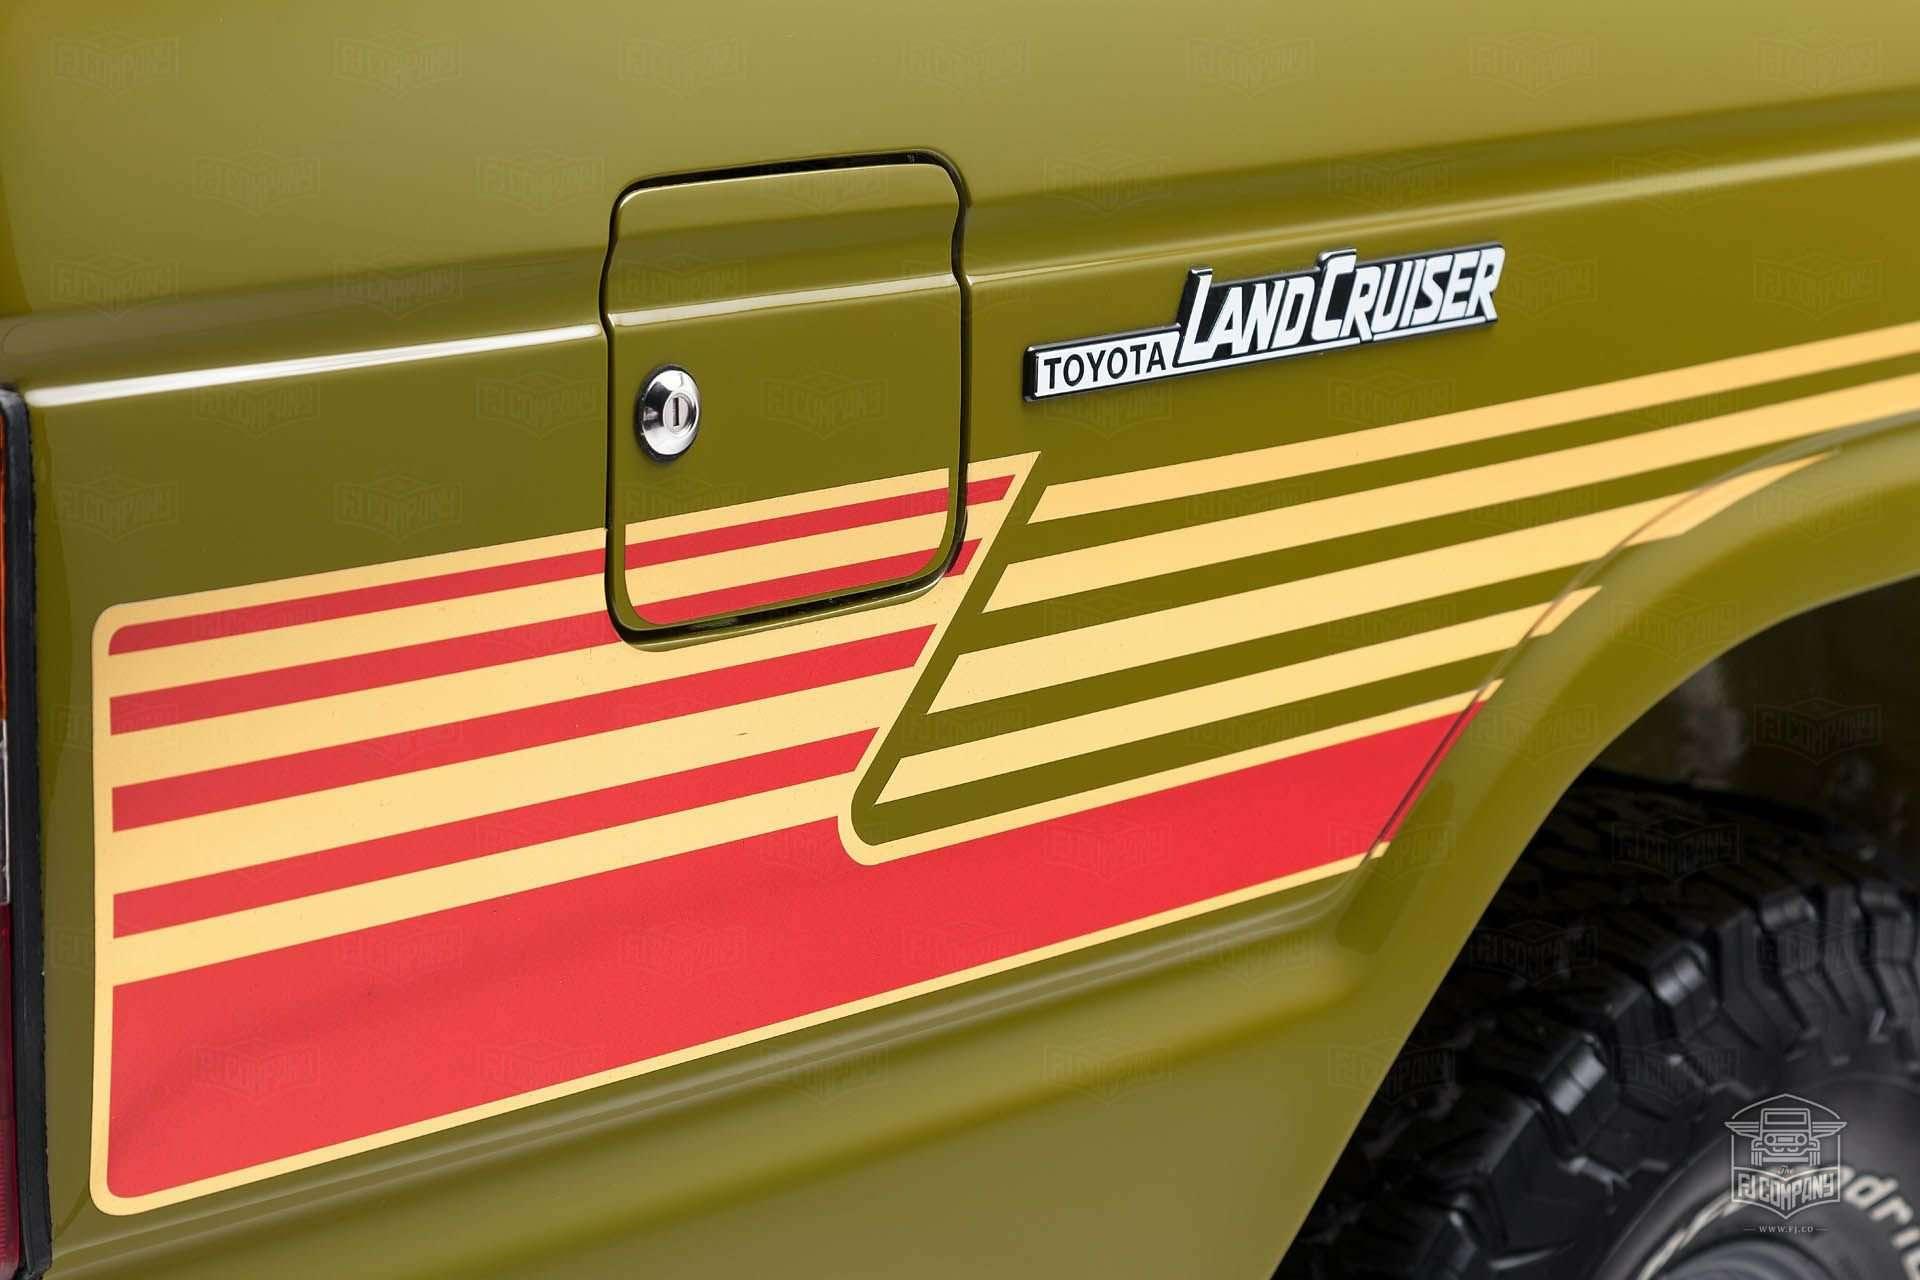 Абсолютно новый Toyota Land Cruiser 1986 года. Да, такое бывает!— фото 877225